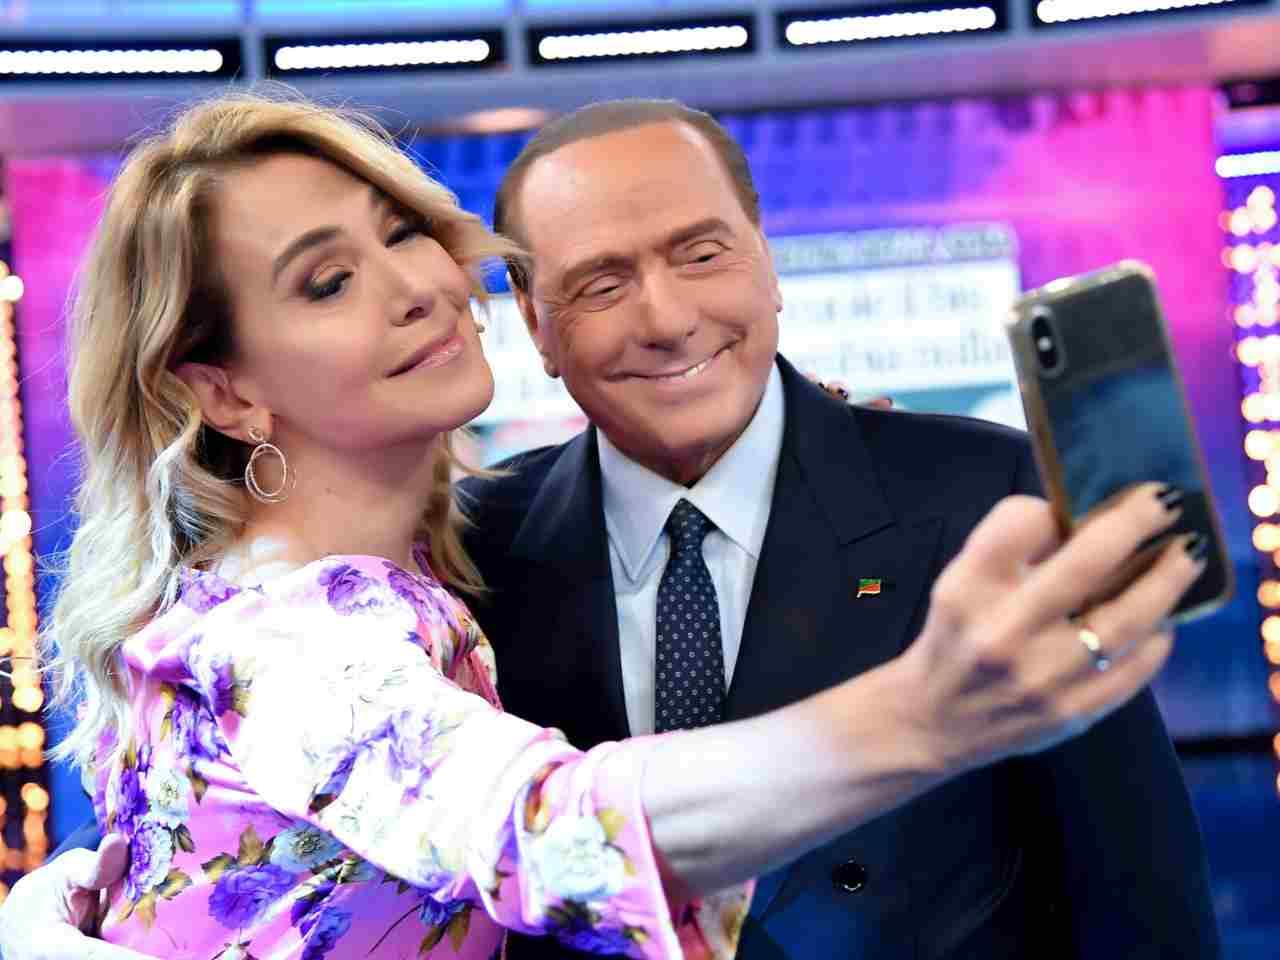 Silvio Berlusconi è stato uno dei tanti ospiti nello studio di Pomeriggio Cinque (foto Mediaset).